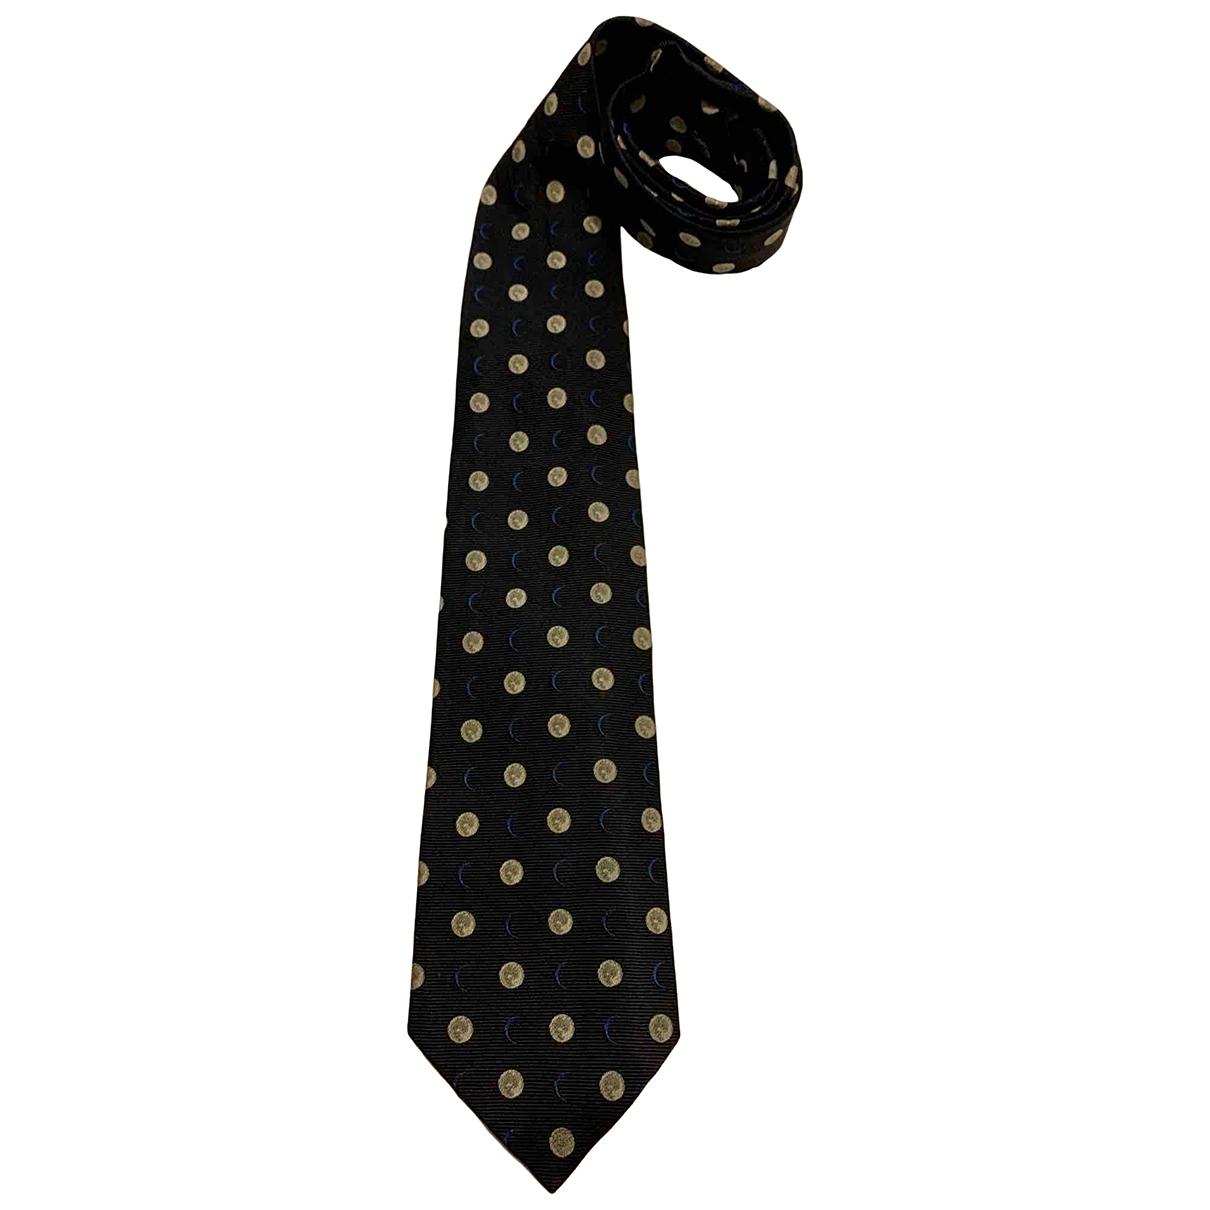 Alfred Dunhill - Cravates   pour homme en soie - marine